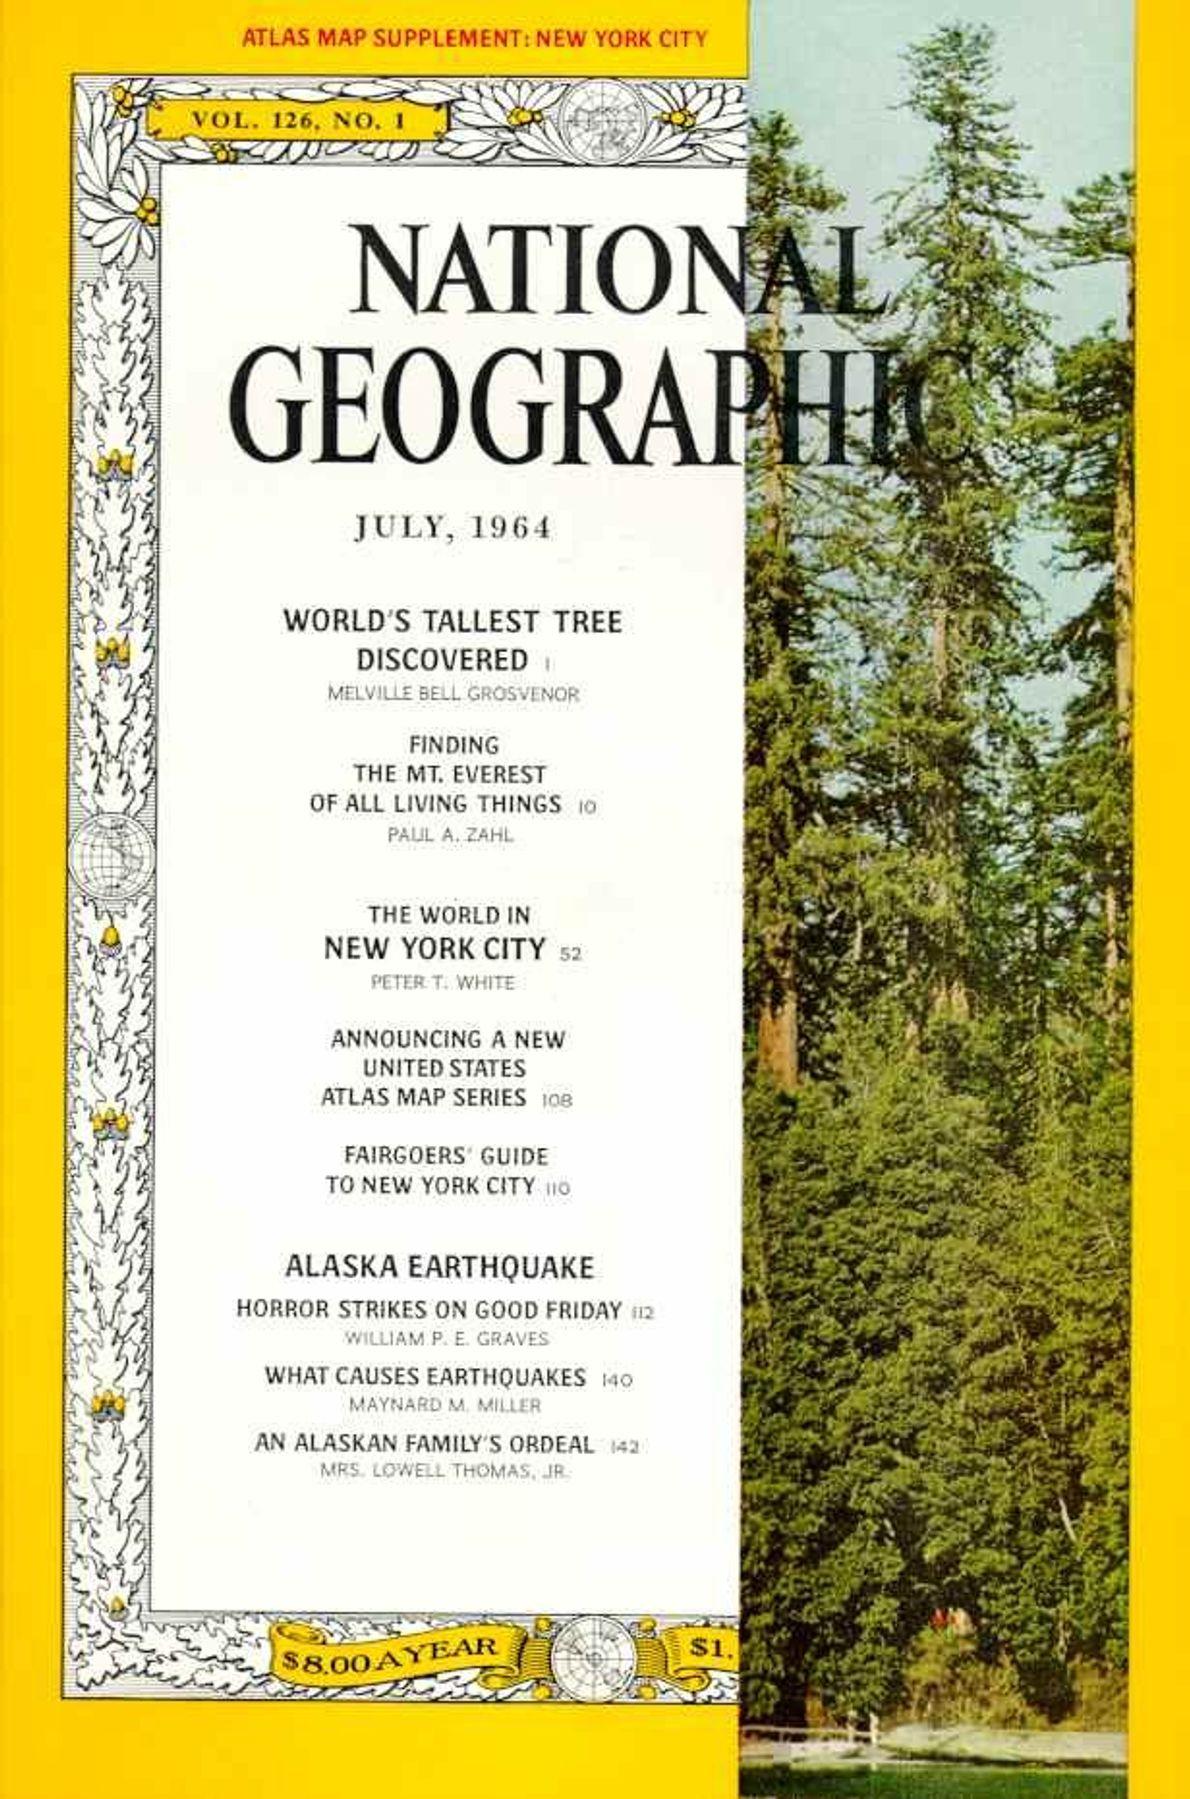 Julio 1964: Las secuoyas: el árbol más alto descubierto